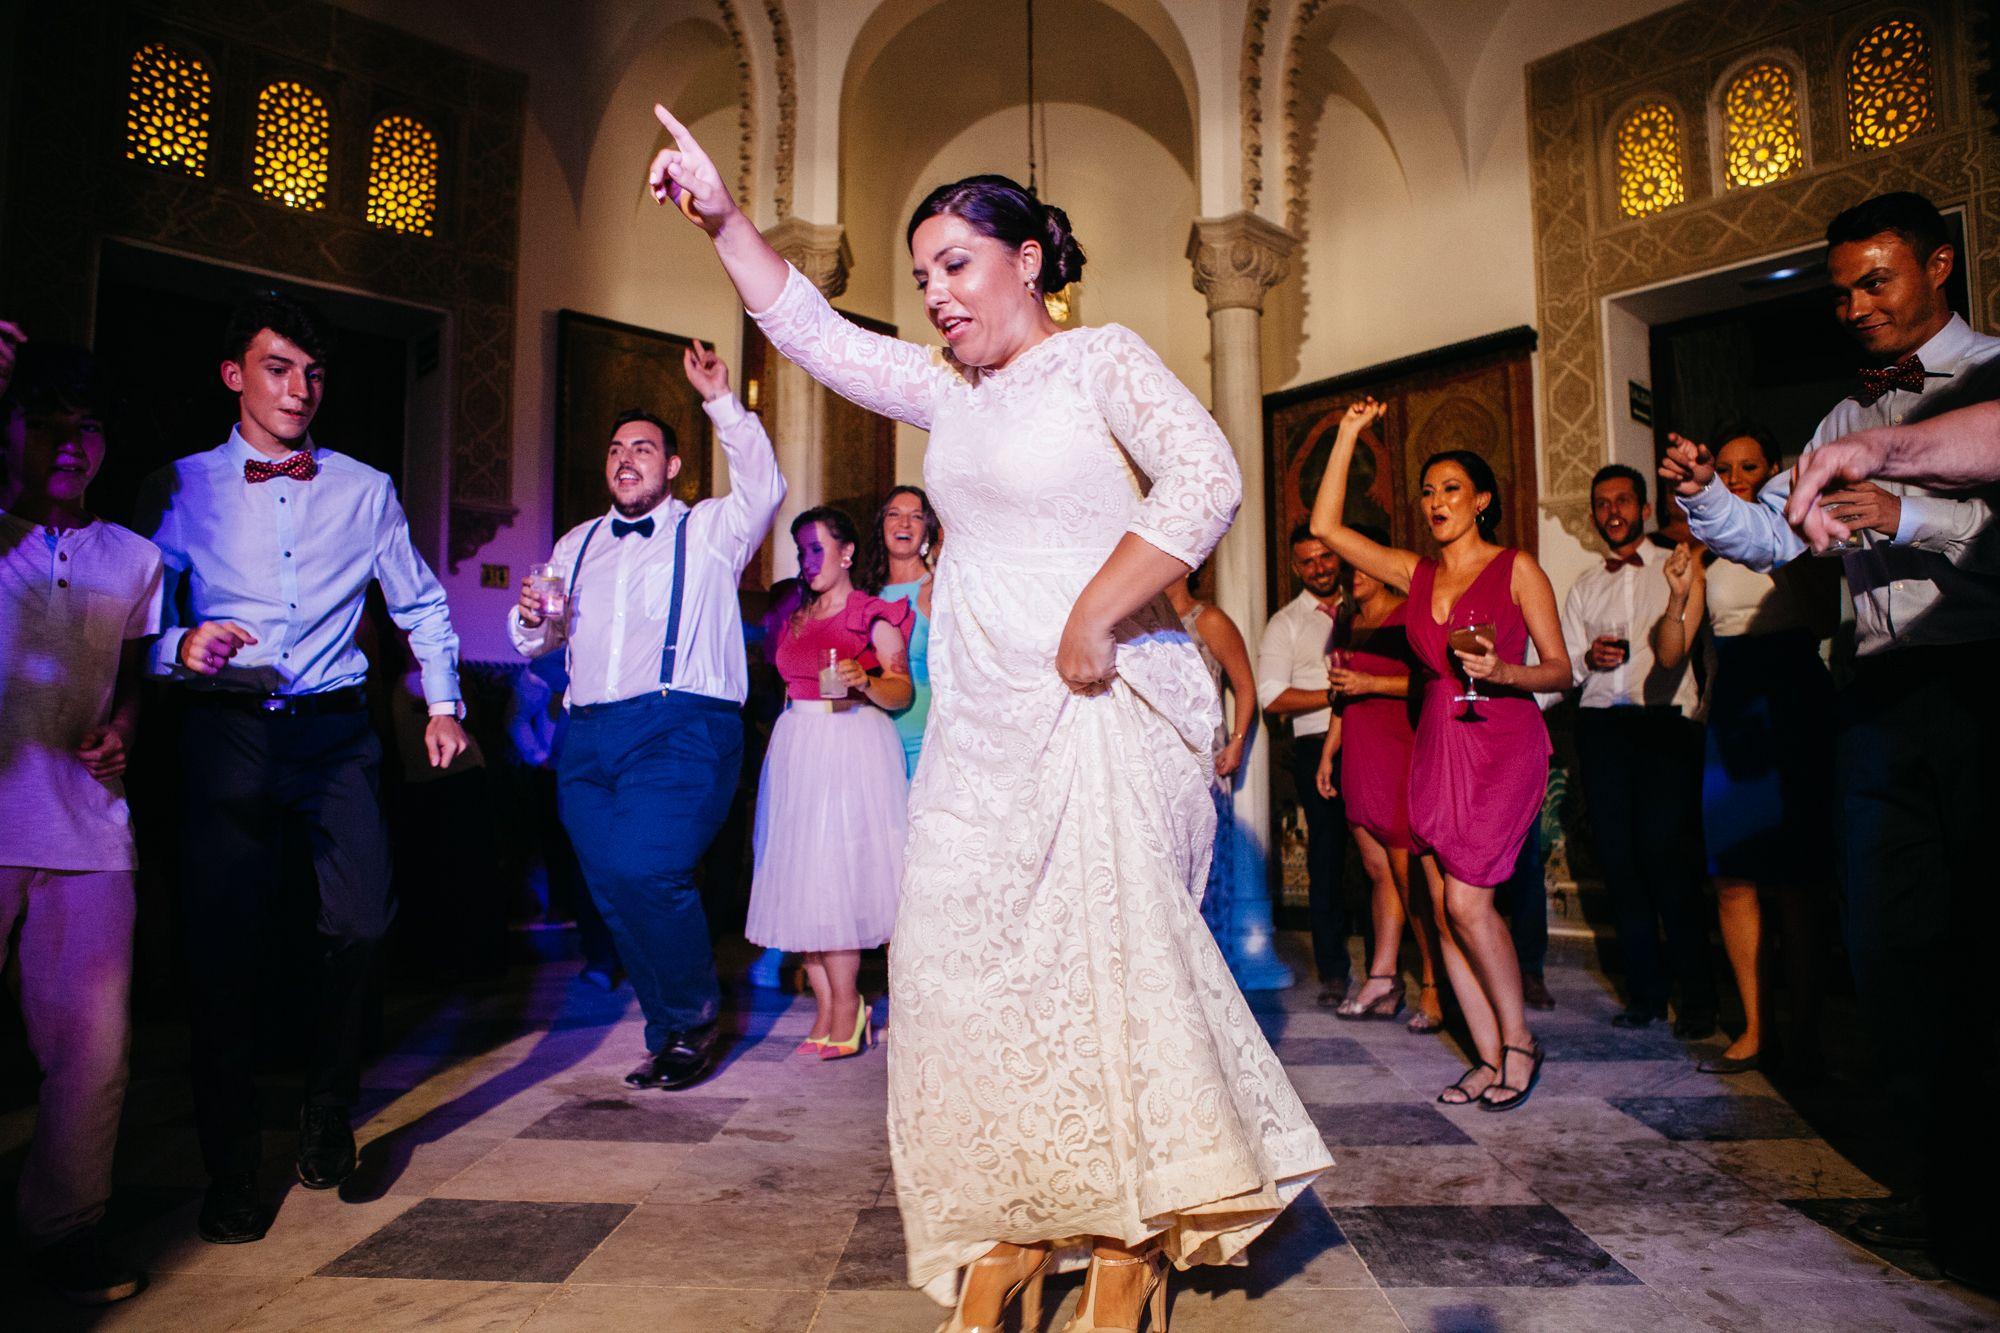 La boda de Amanda y Jorge en Villa Luisa 46